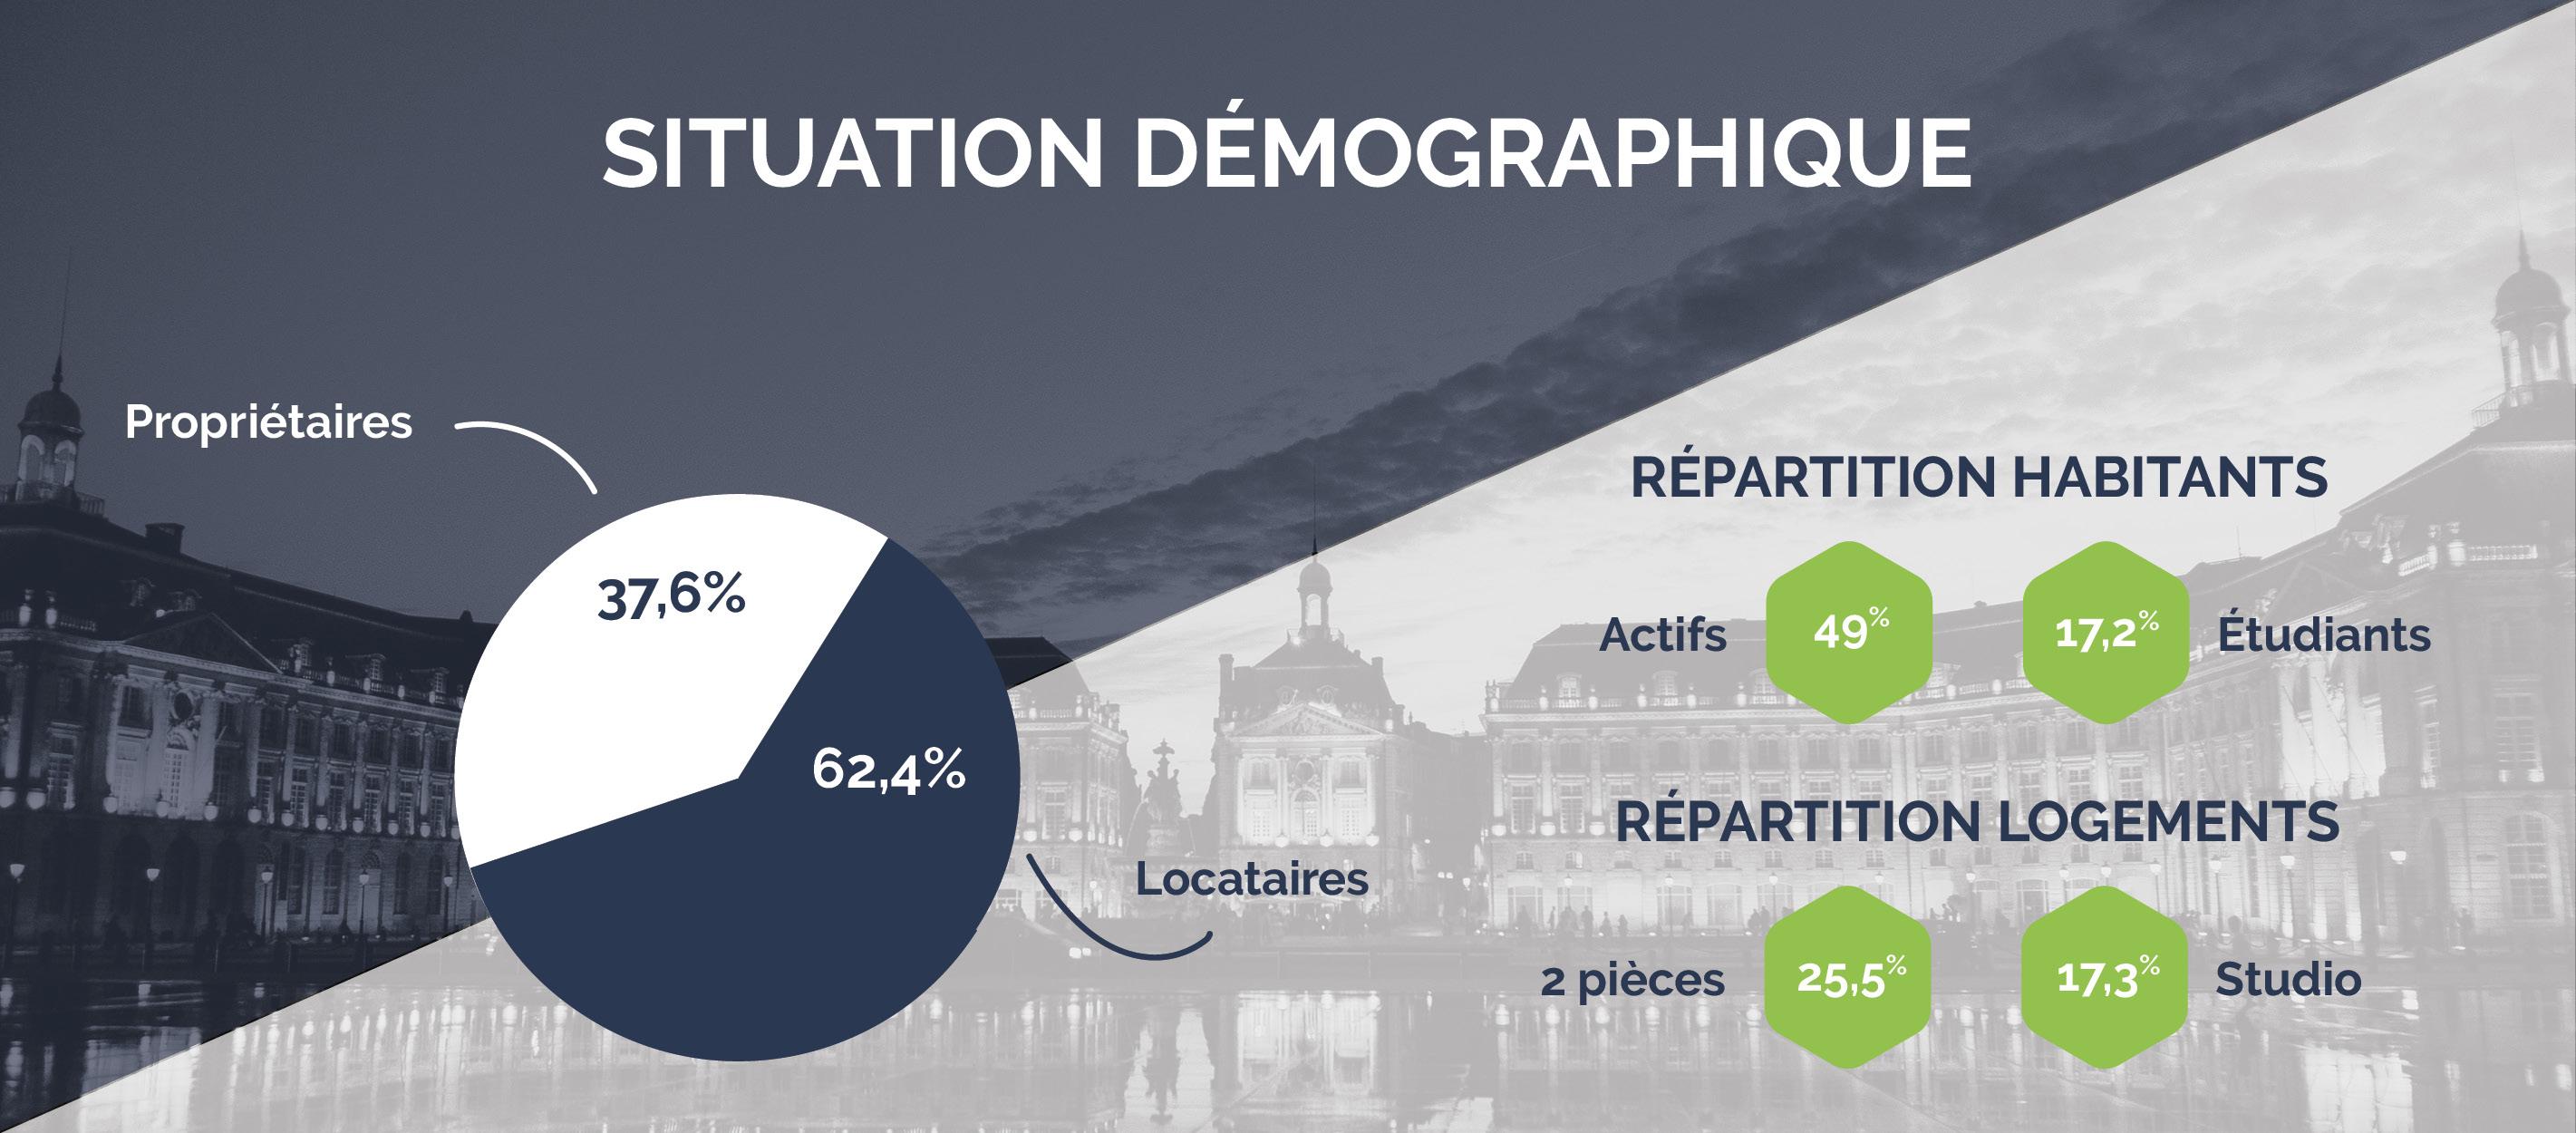 BORDEAUX_SITUATION DEMOGRAPHIQUE-1